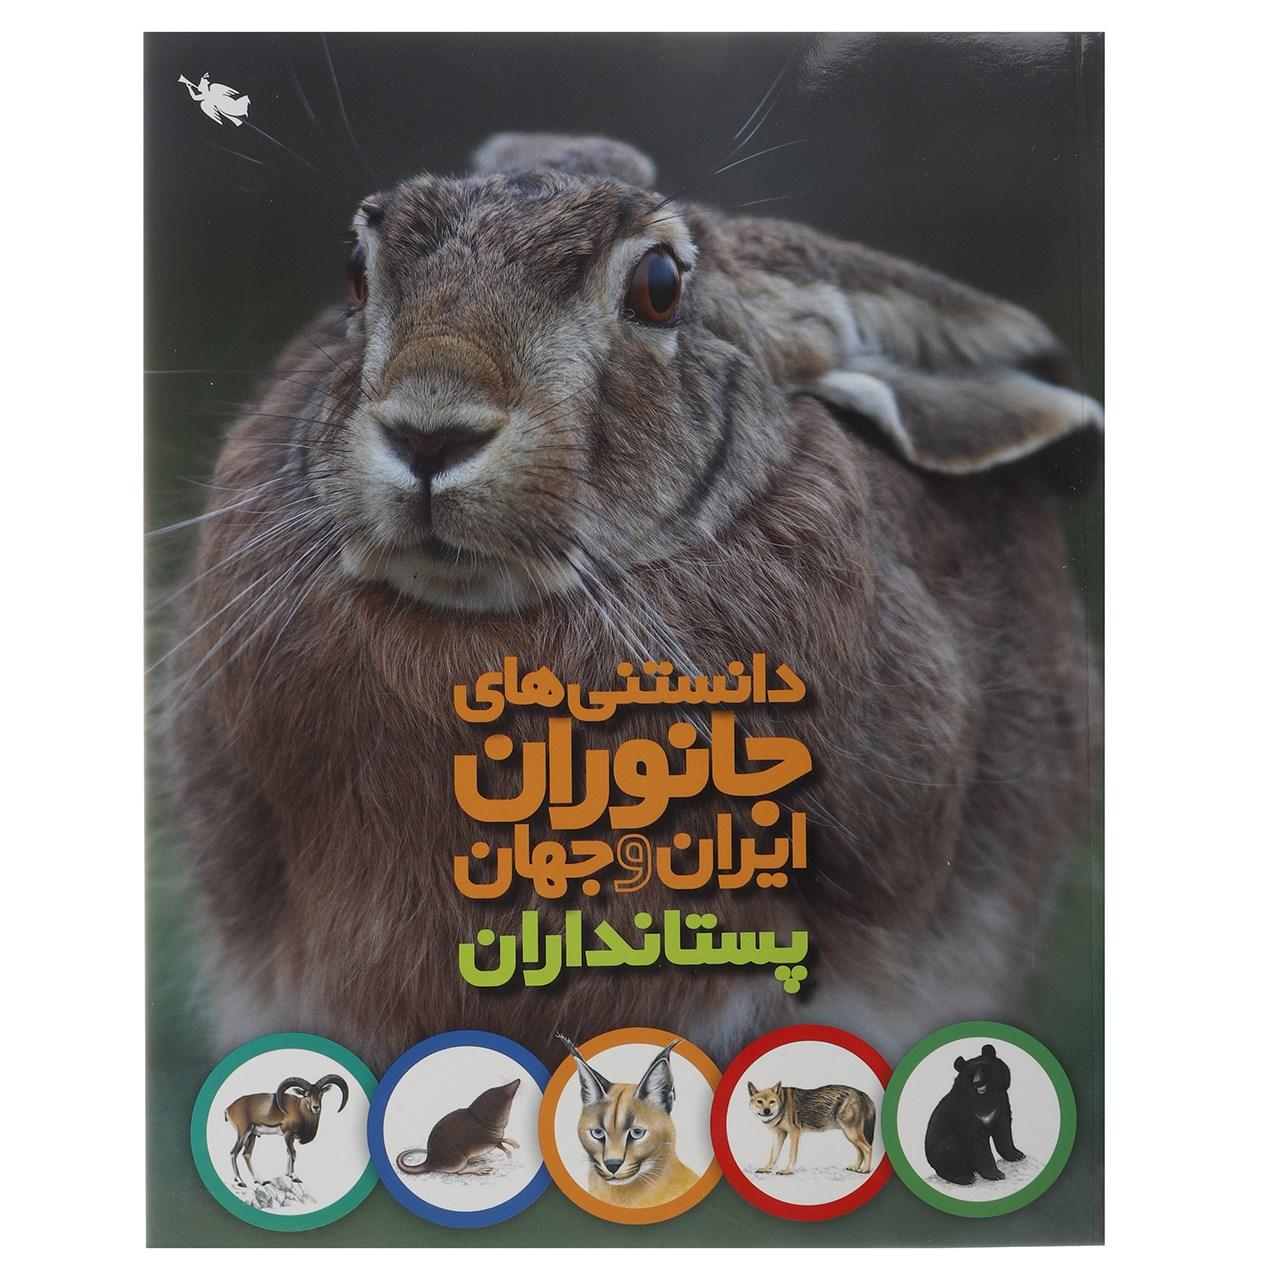 کتاب دانستنی های جانوران ایران و جهان پستانداران اثر محمد کرام الدینی